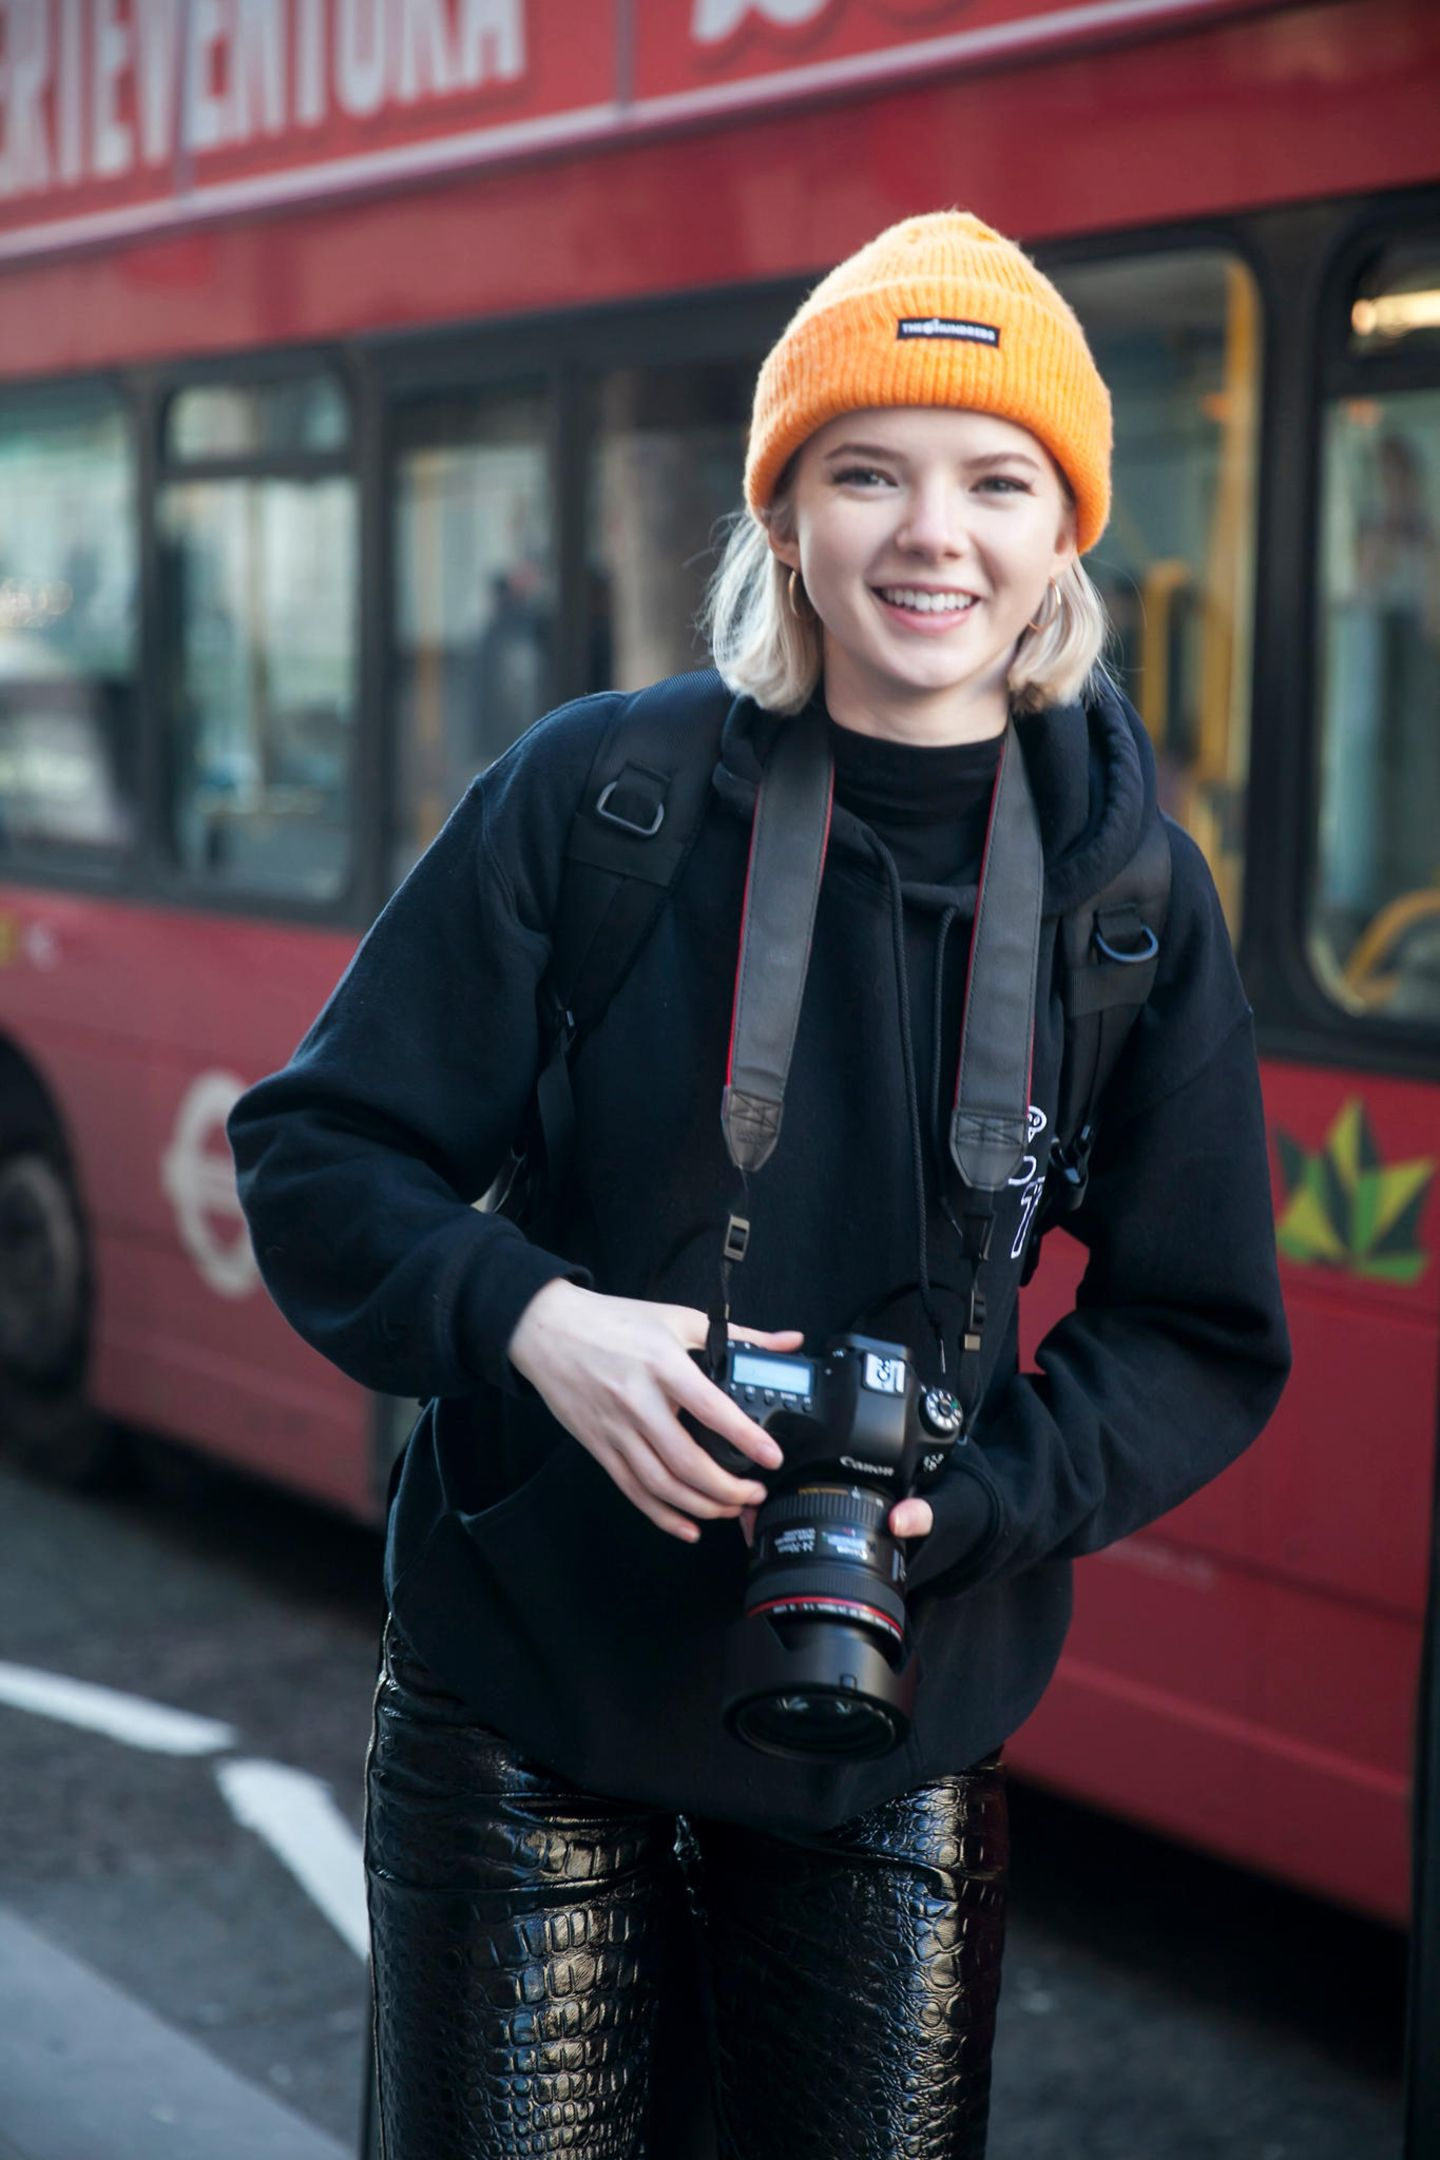 Winter-Frisuren: Frau mit oranger Mütze